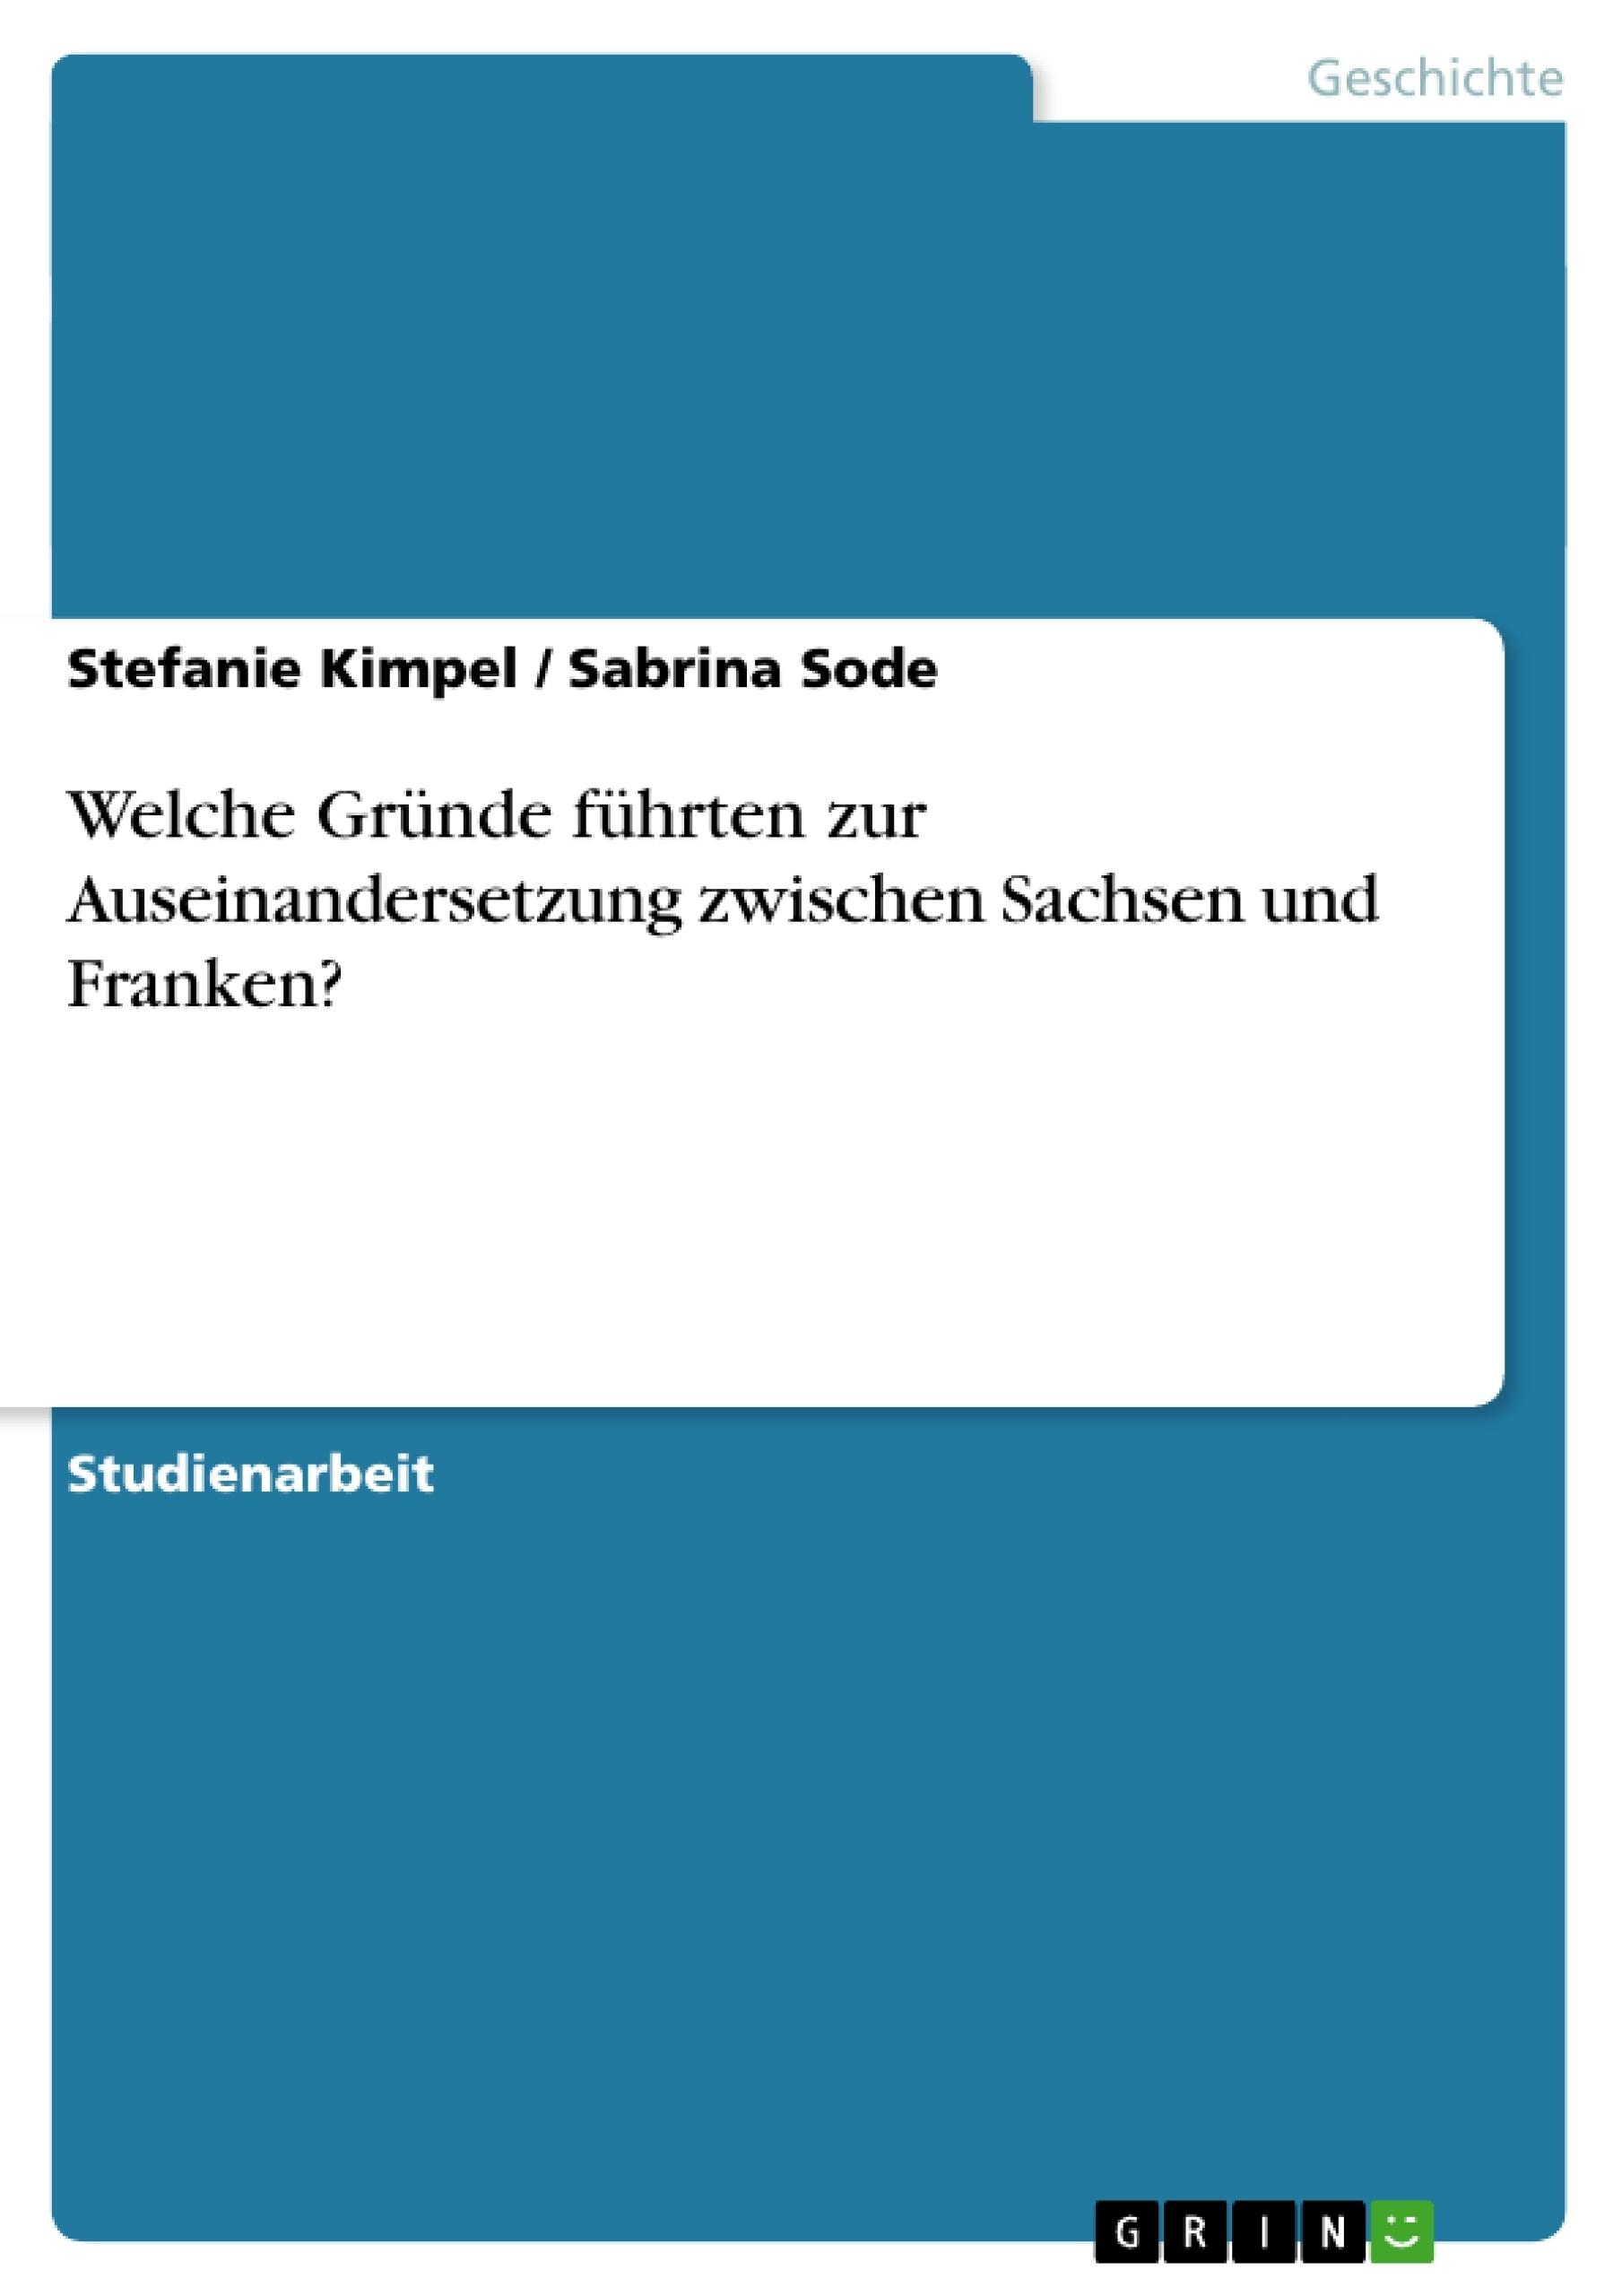 Titel: Welche Gründe führten zur Auseinandersetzung zwischen Sachsen und Franken?